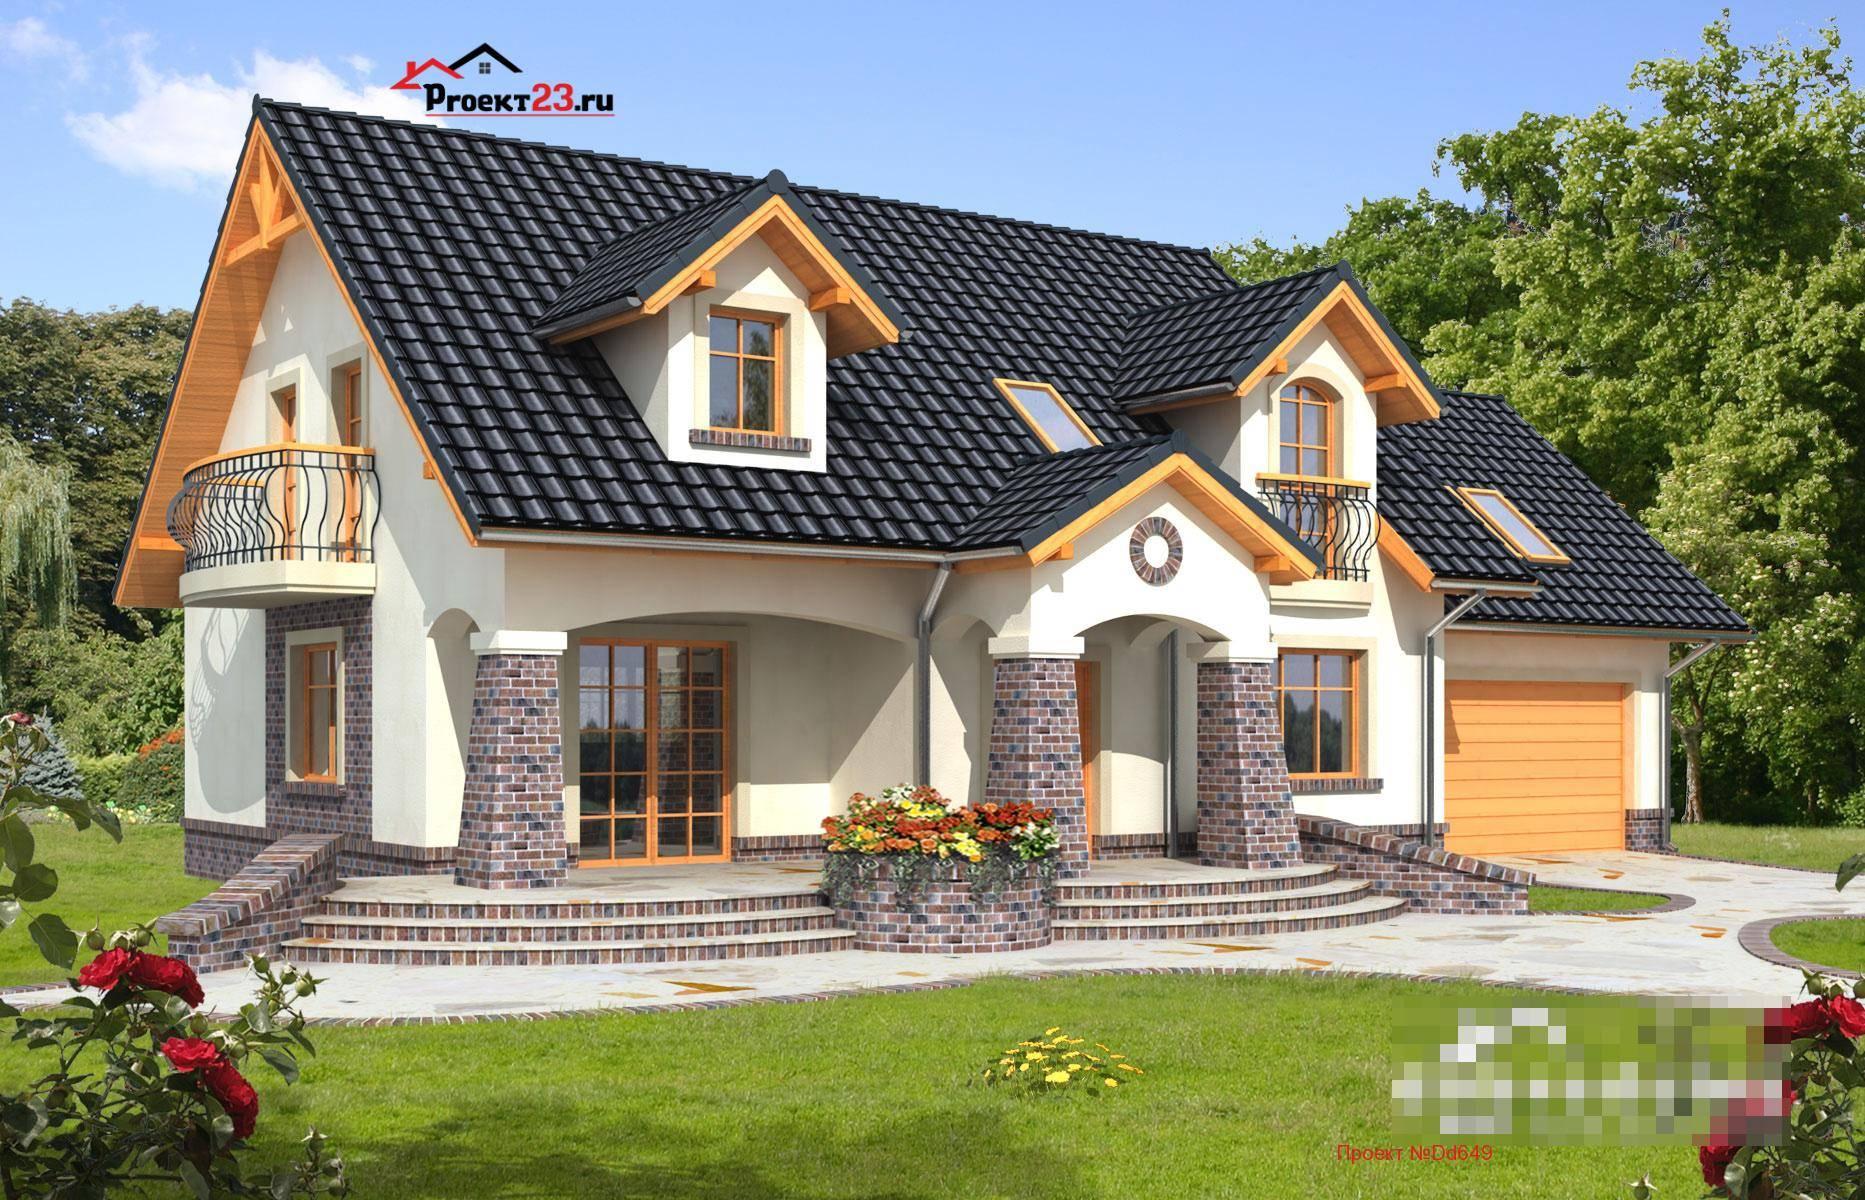 Польские дома: особенности, этажность и отличия